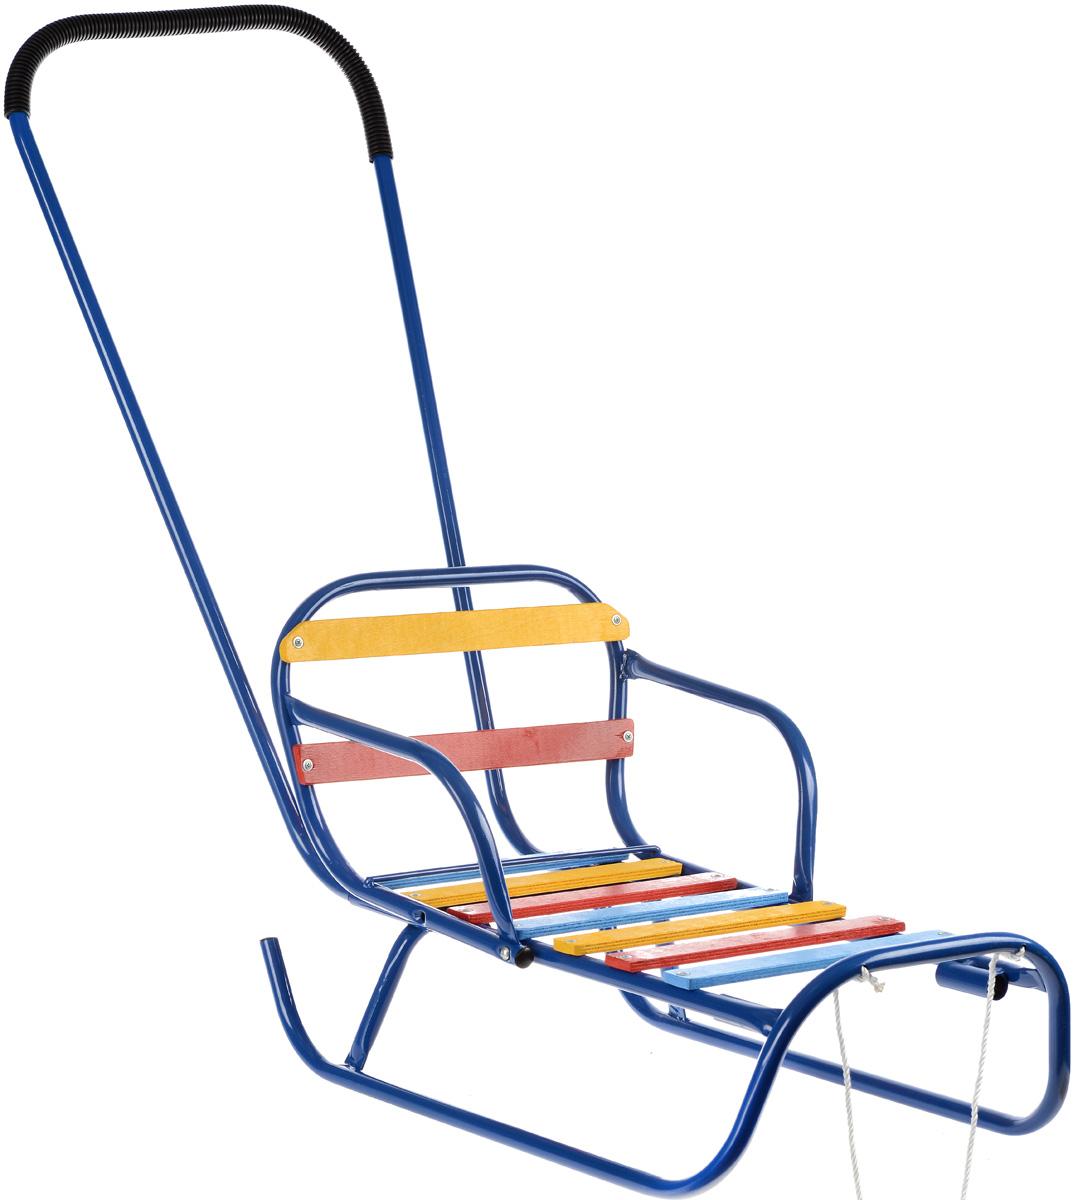 Санки-трансформер, со съемным толкателем и спинкой, цвет: синий. З-1145.08, Тульские санки